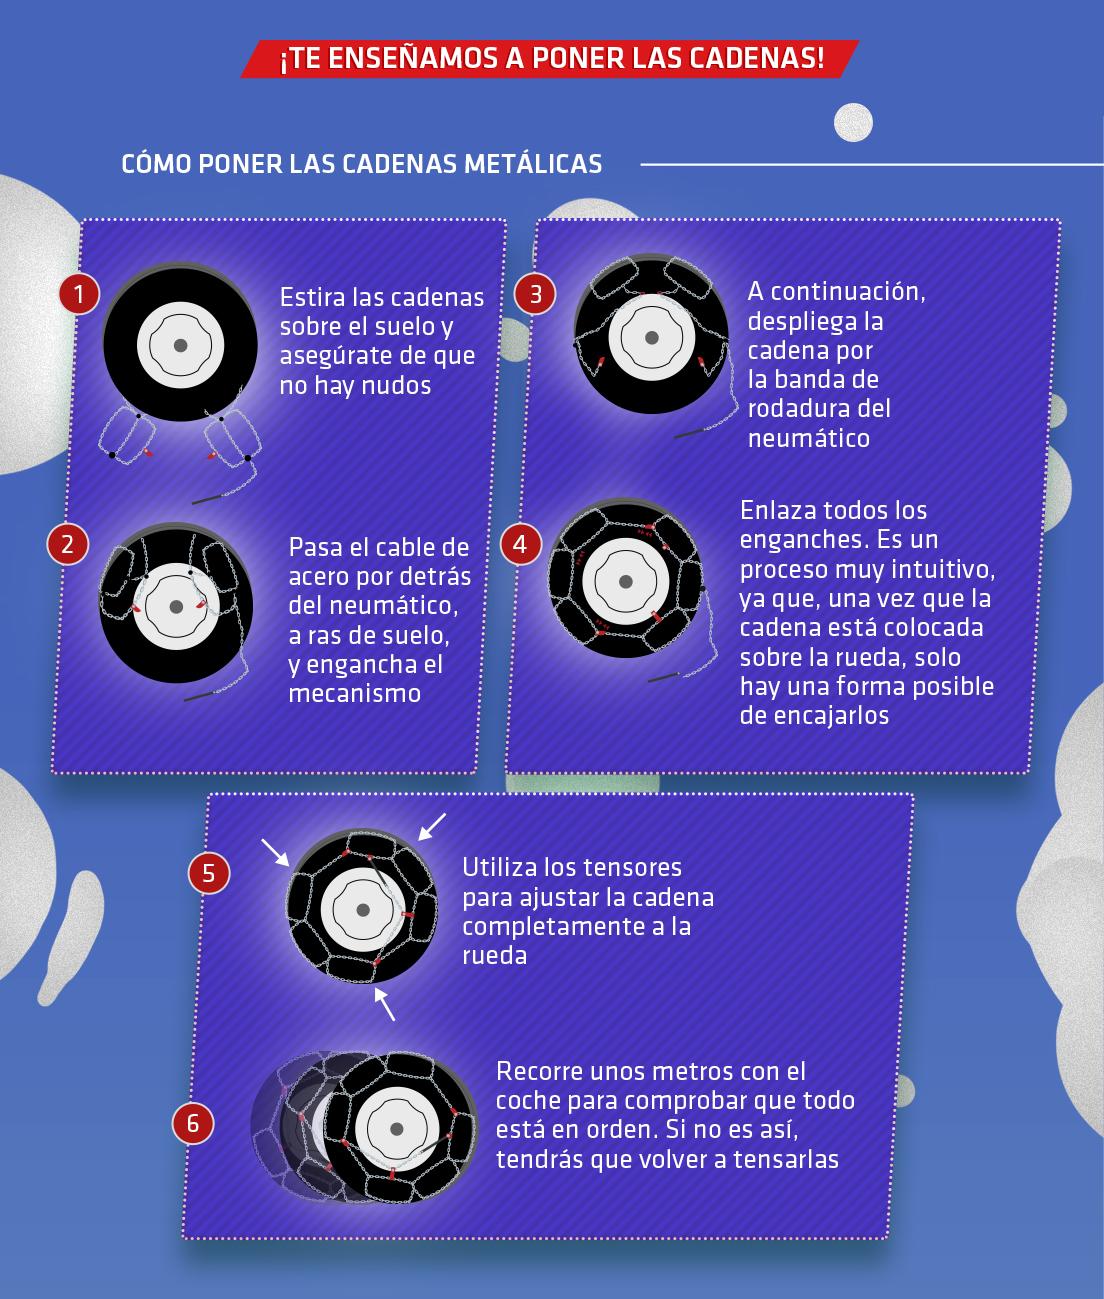 Infografía sobre cómo poner cadenas metálicas